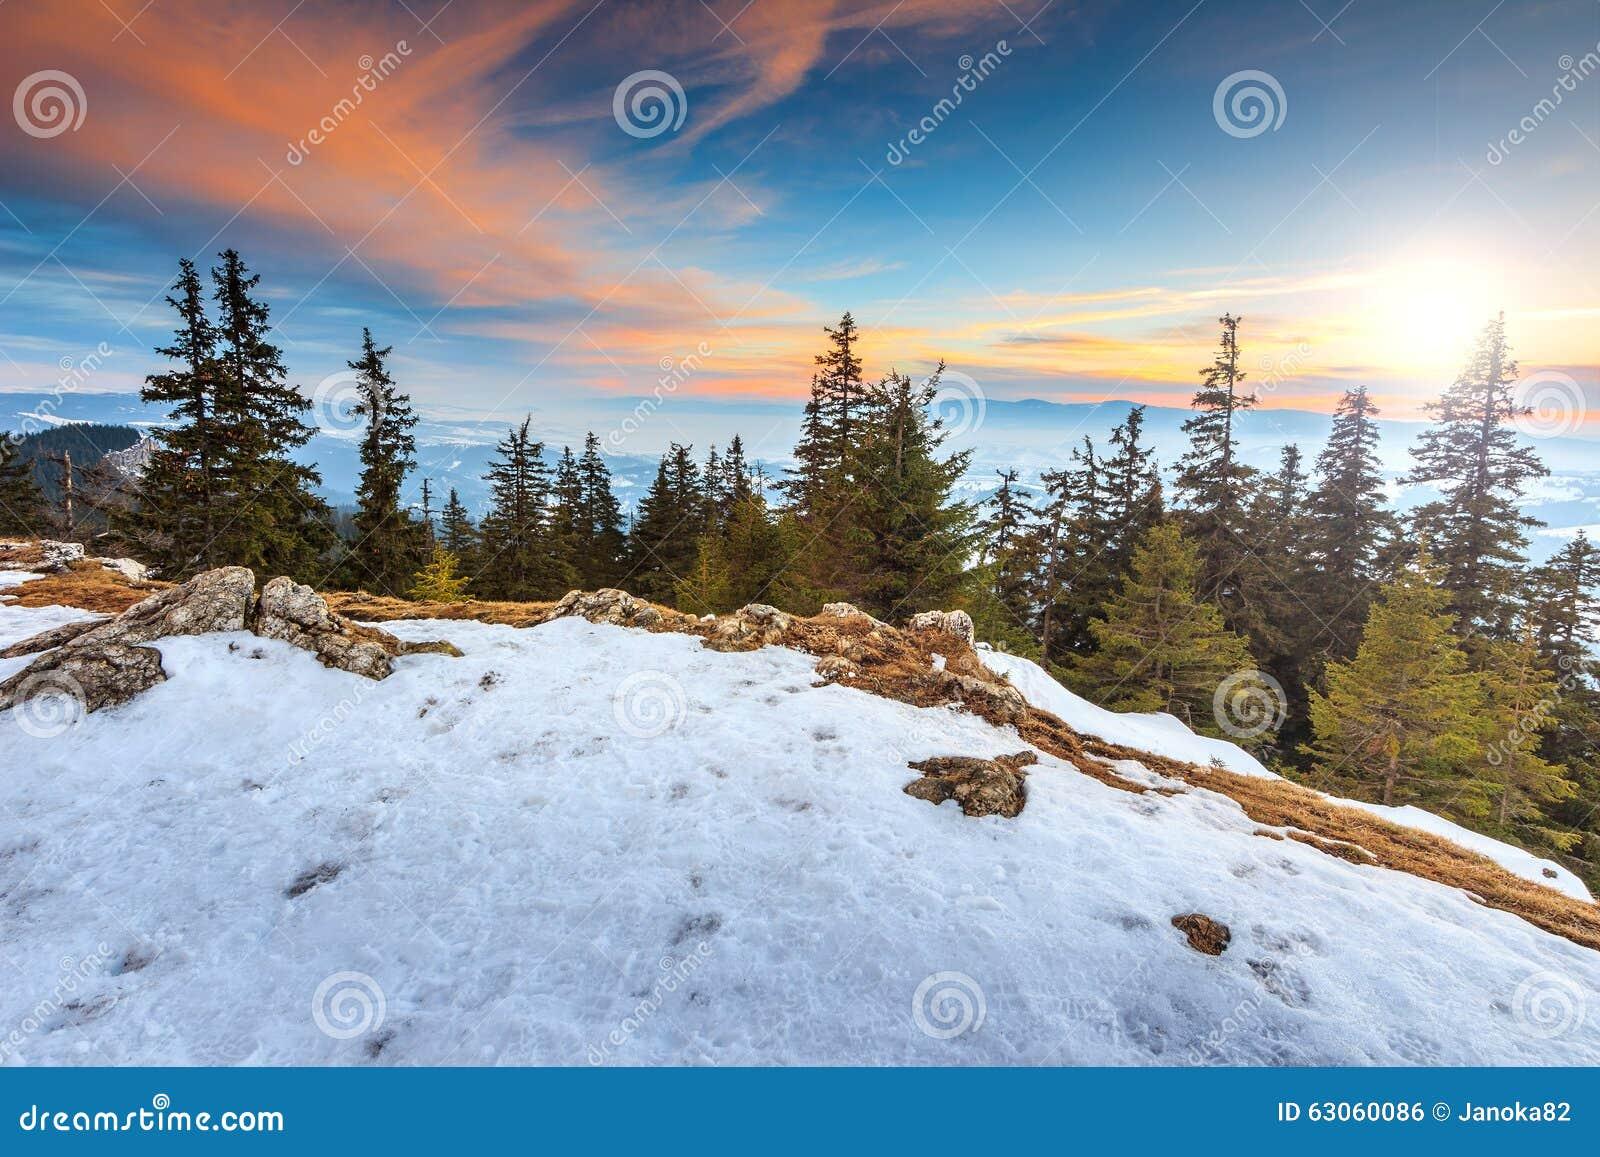 庄严日落和冬天环境美化,喀尔巴汗,罗马尼亚,欧洲图片